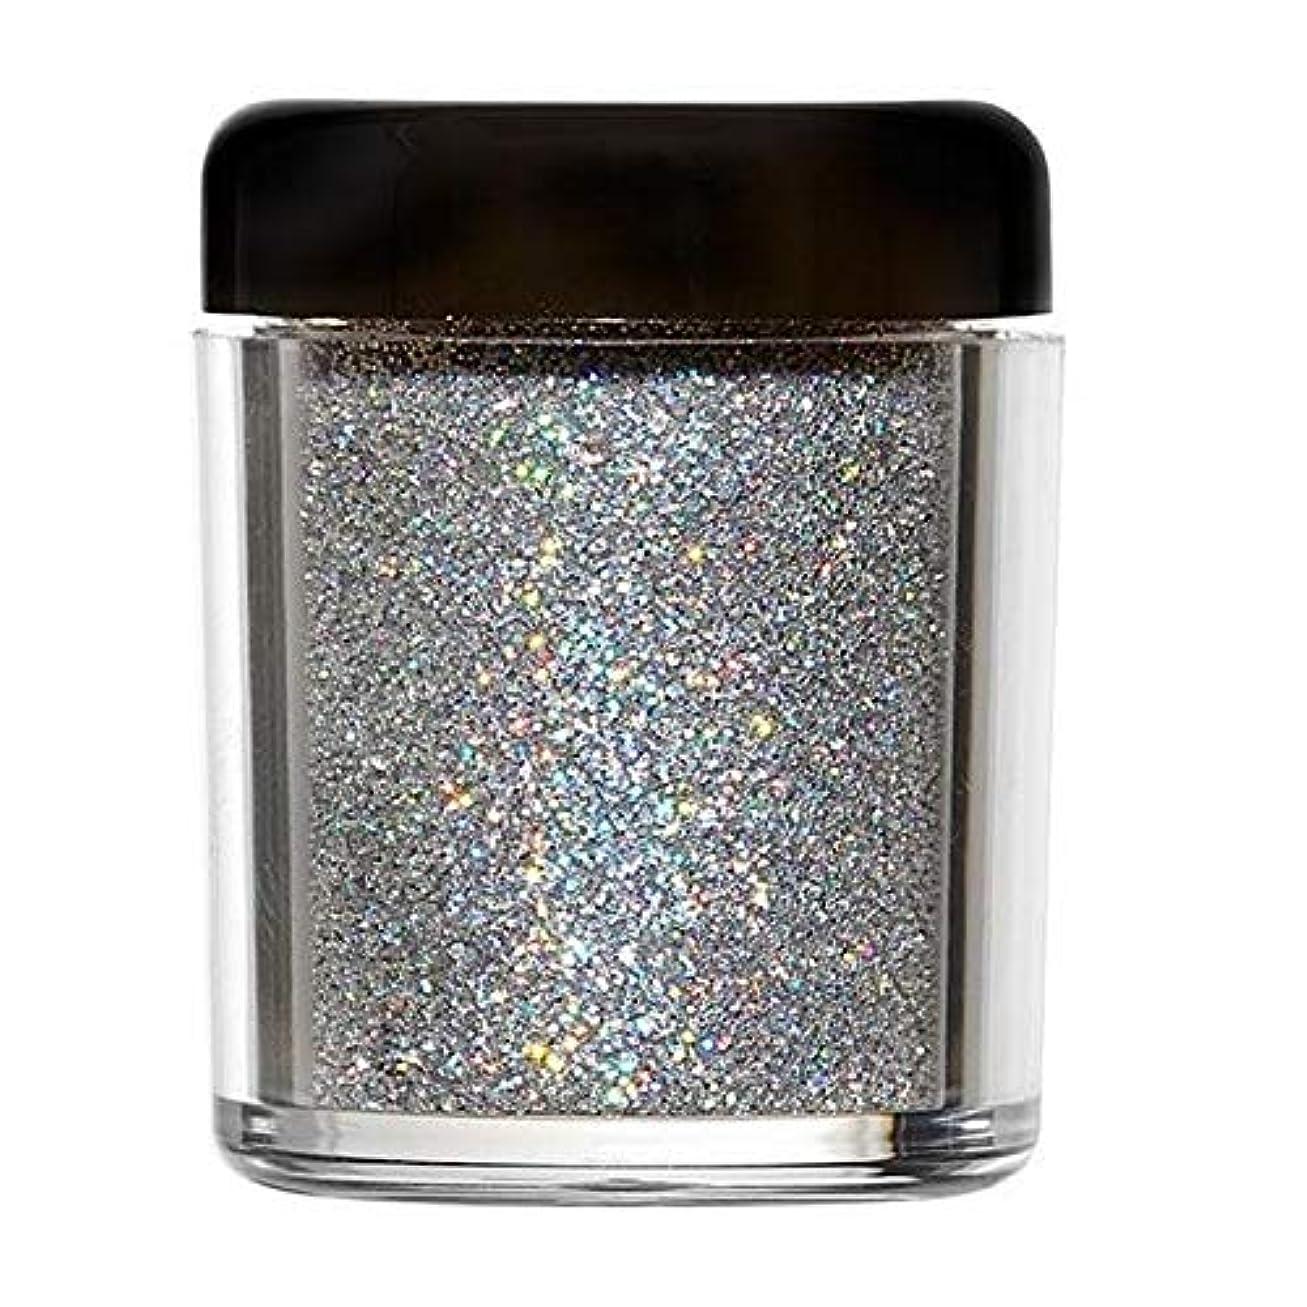 プラットフォームプレゼンター活性化する[Barry M ] バリーメートルのグリッターラッシュボディの輝き - ムーンストーン - Barry M Glitter Rush Body Glitter - Moonstone [並行輸入品]